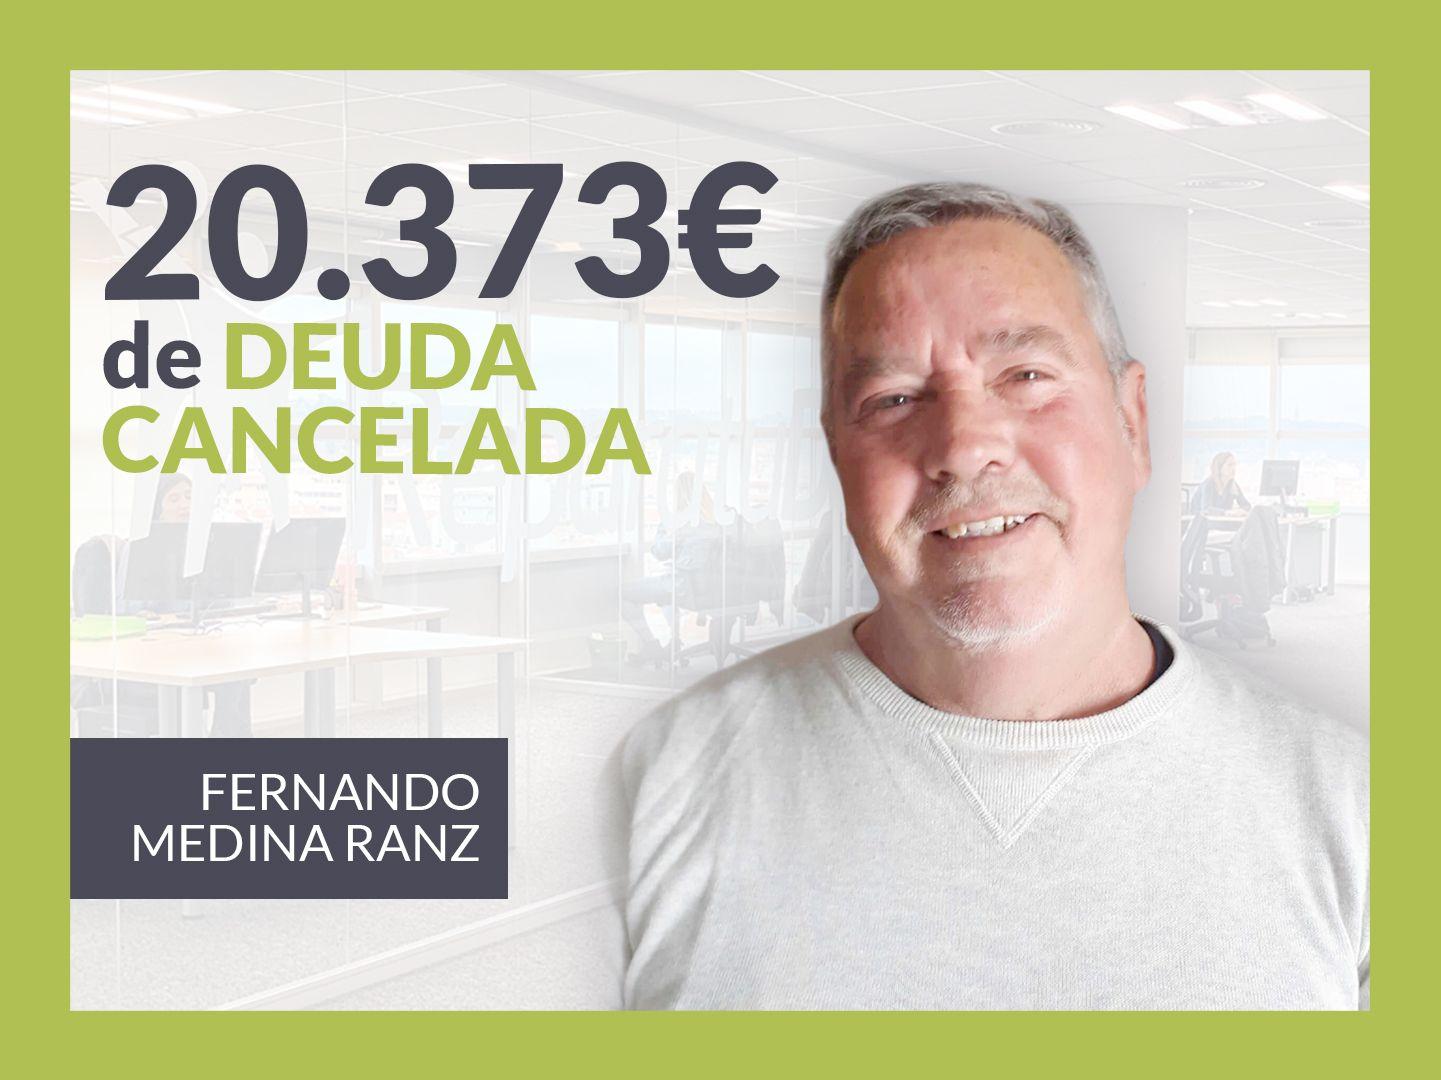 Fotografia Fernando Medina, exonerado con Repara Tu Deuda con la Ley